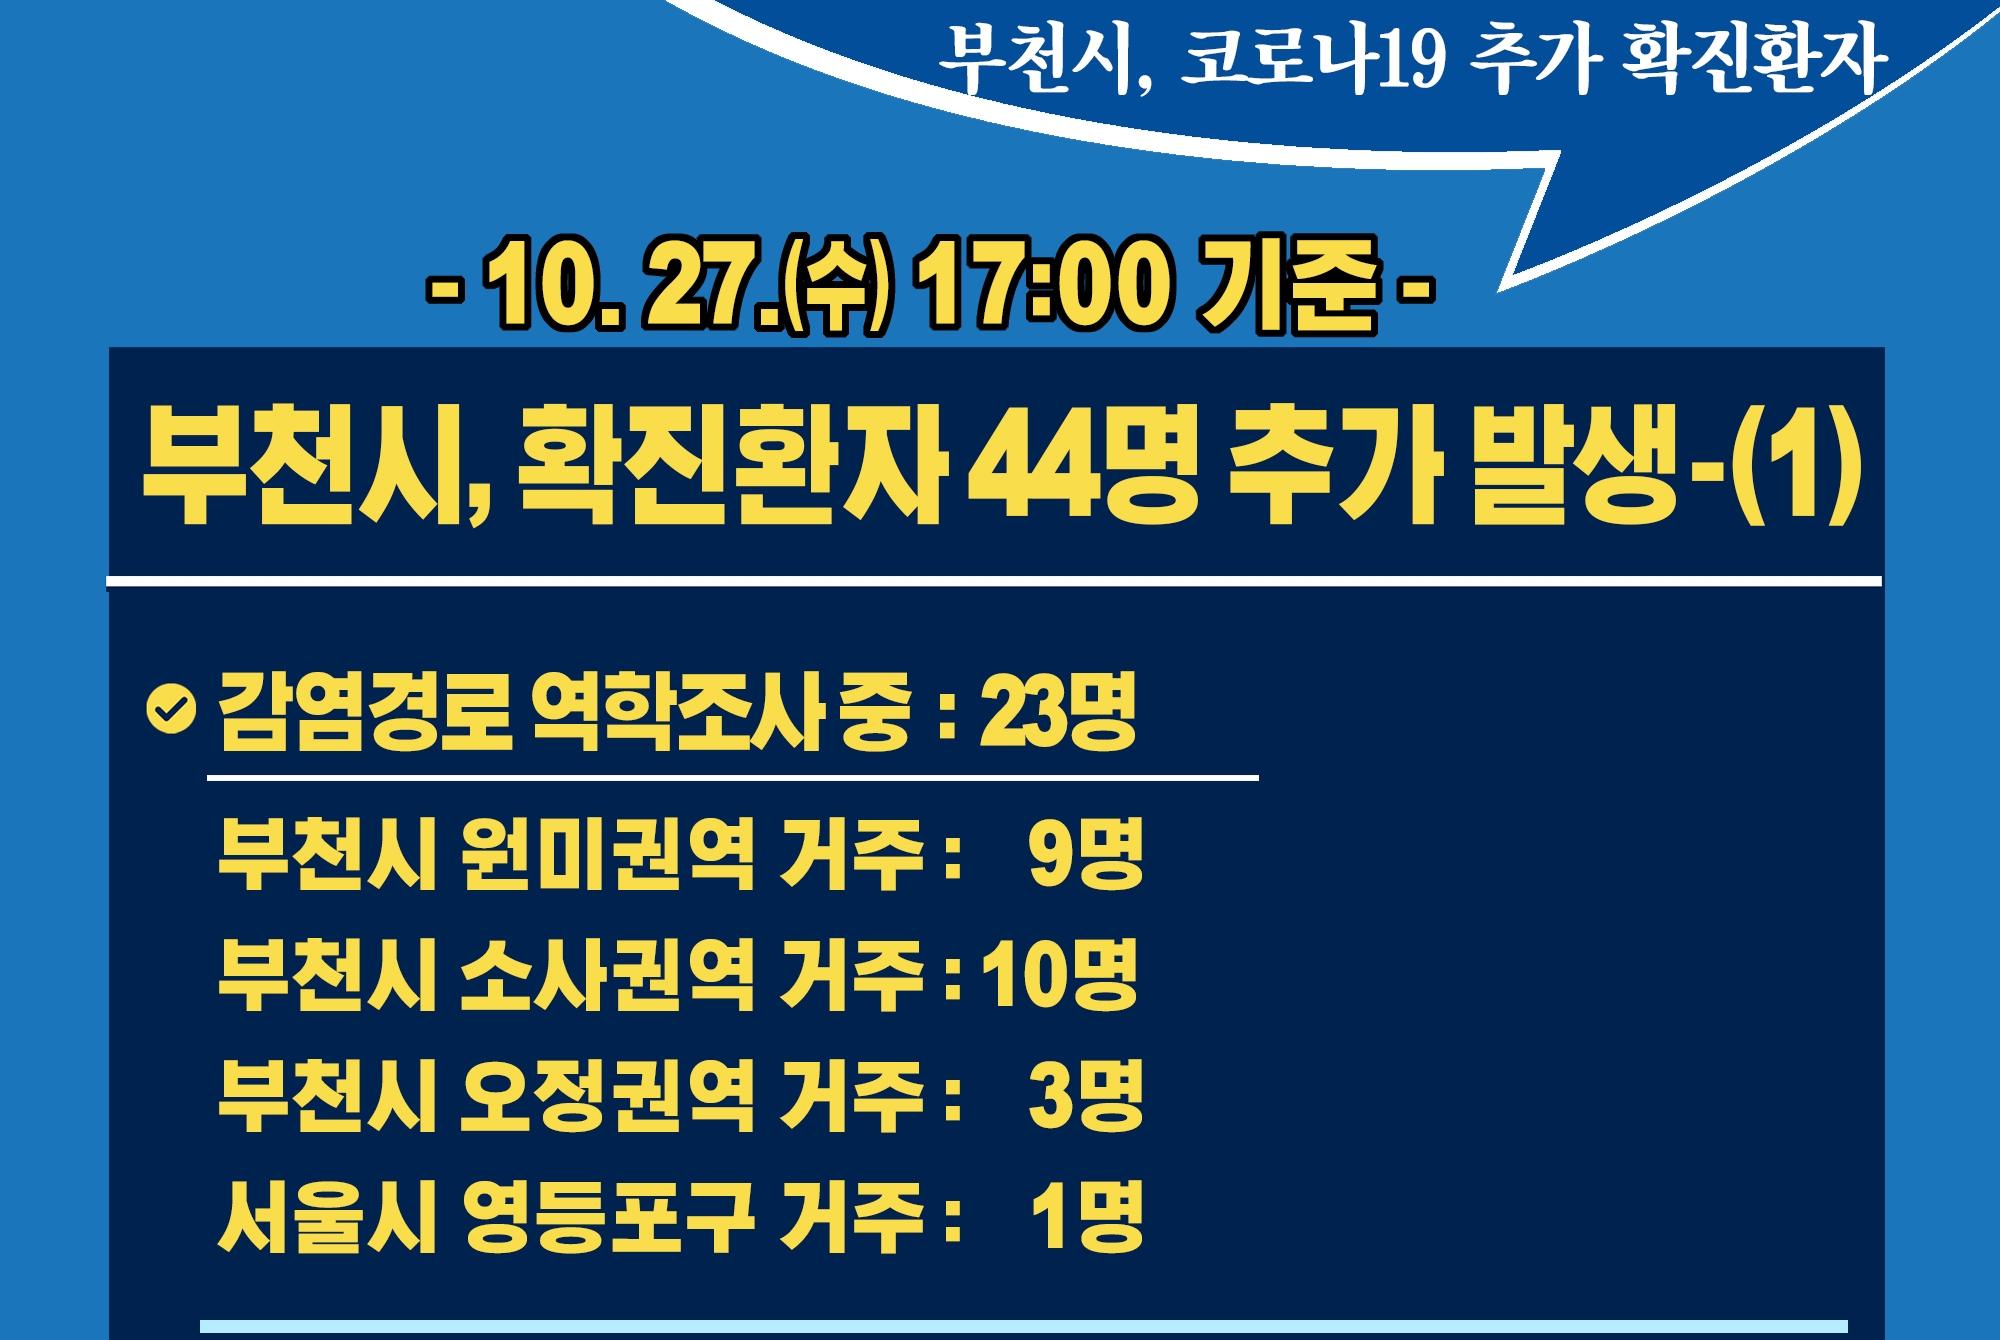 [카드뉴스] 10.27.(수) 17:00 기준 부천시 확진 환자 44명 추가 발생